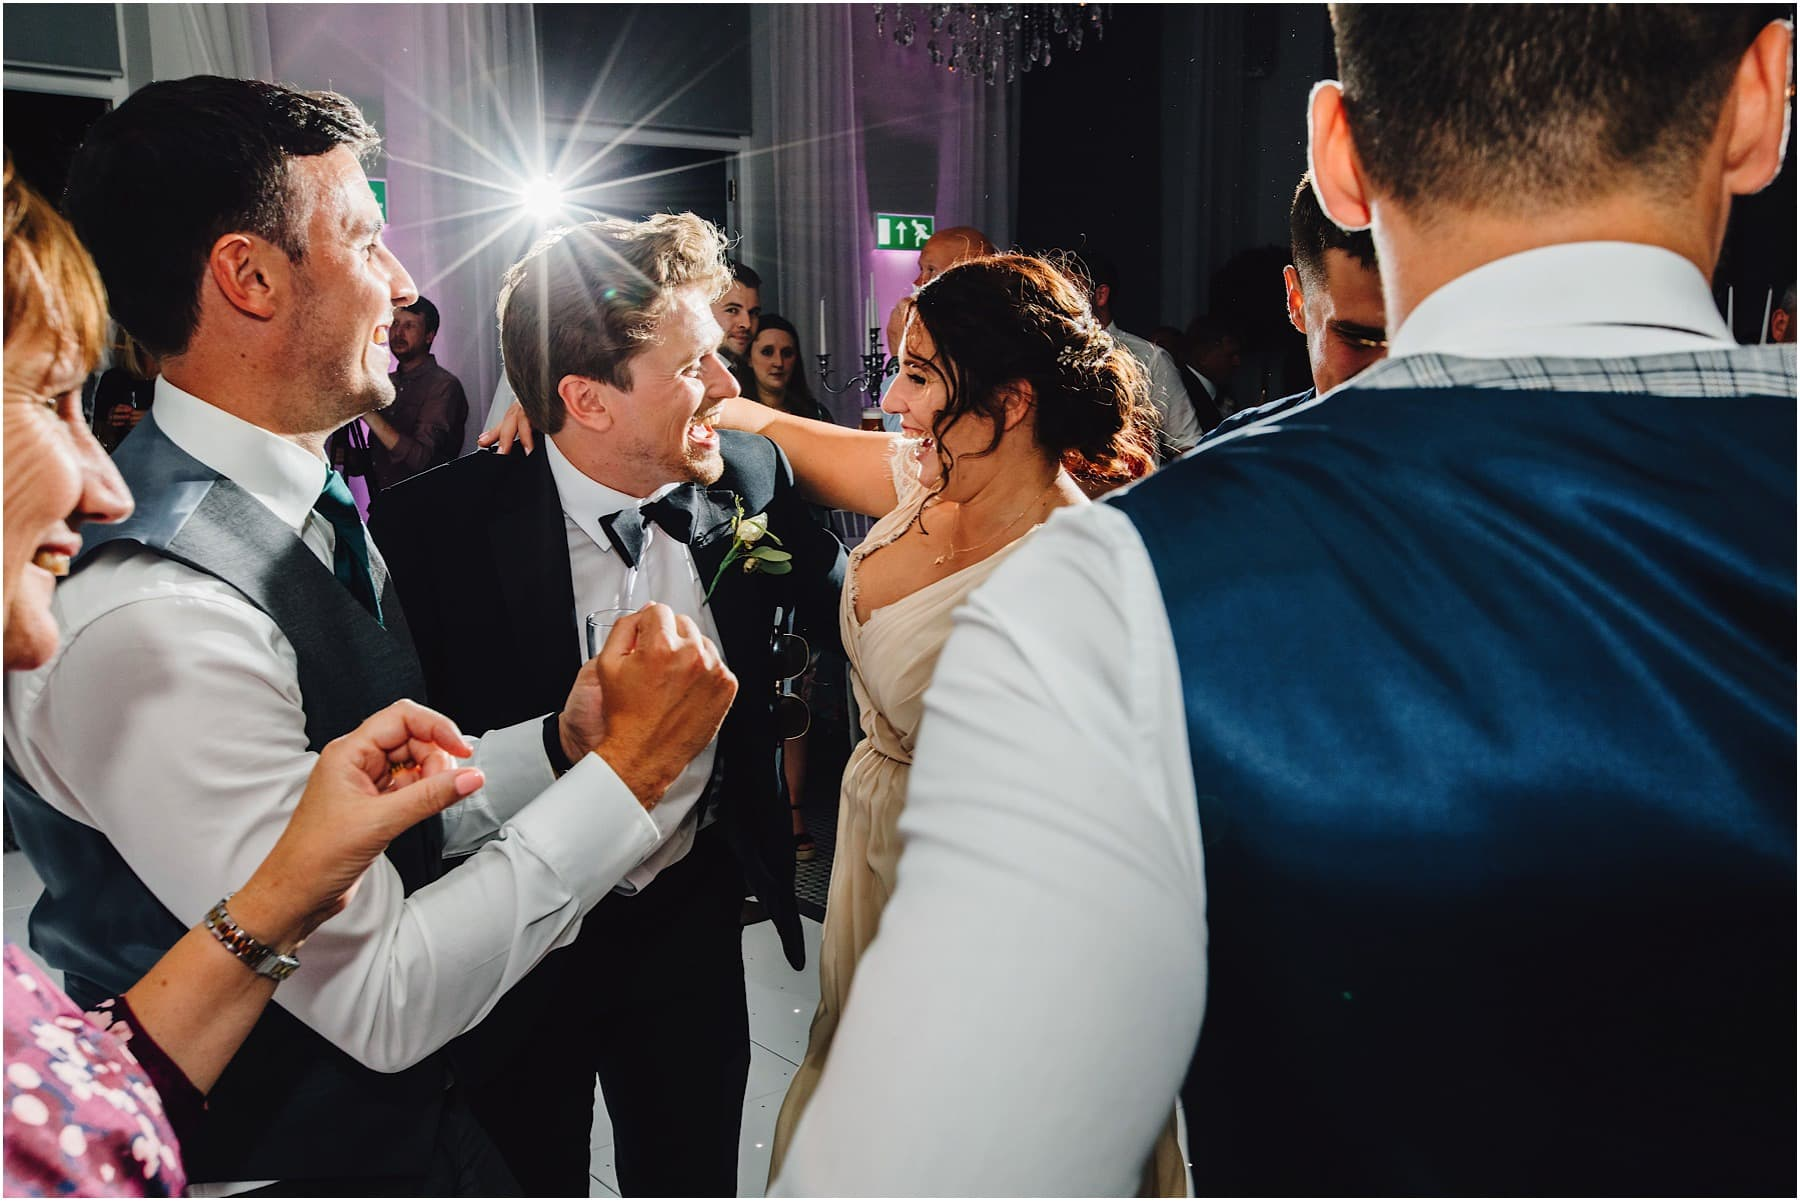 wedding guests enjoying the dance floor